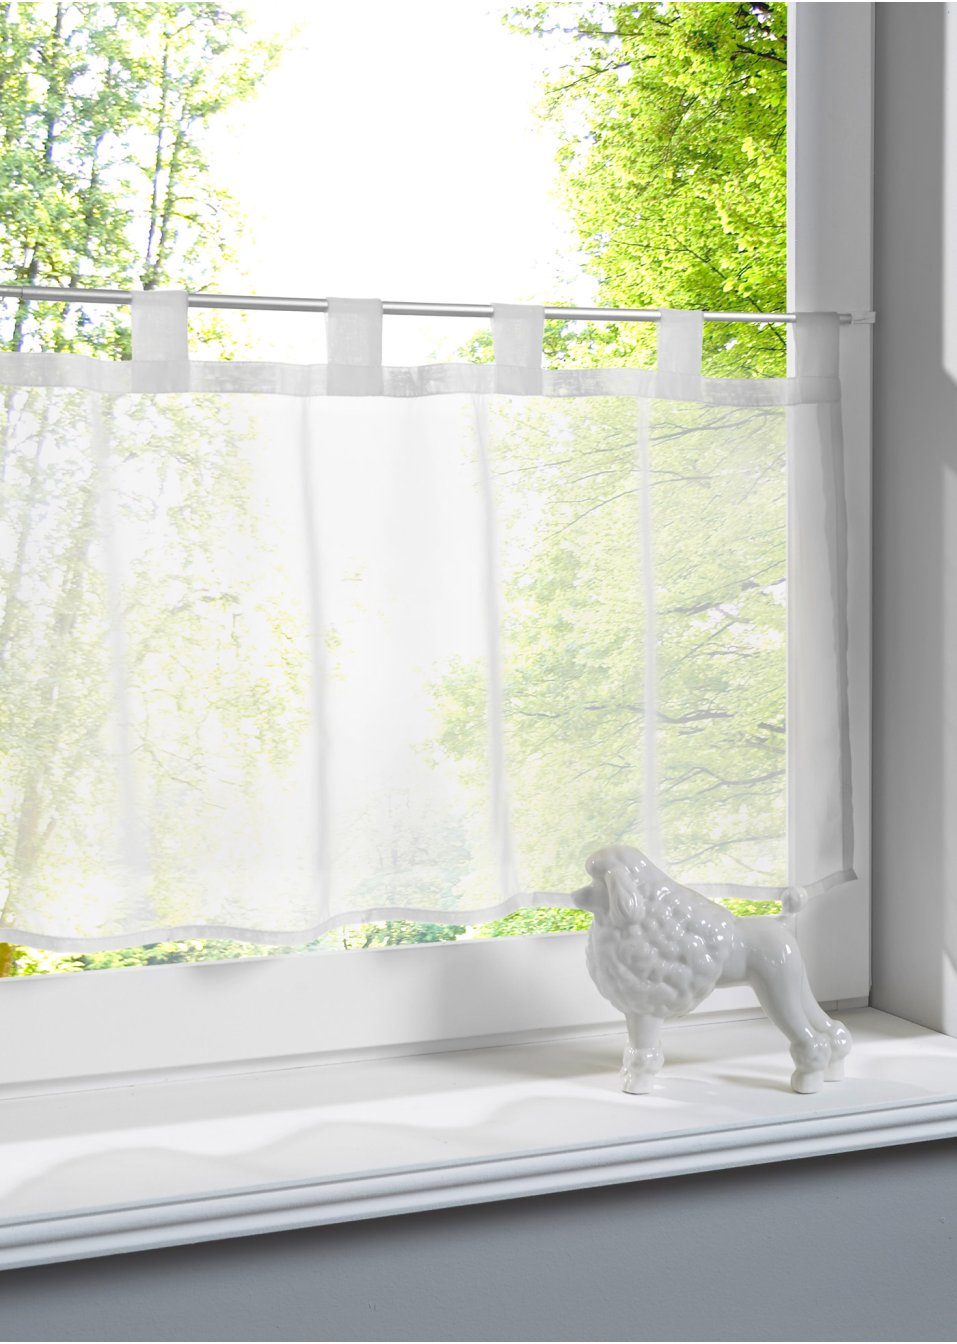 Full Size of Bonprix Gardinen Querbehang Scheibengardinen Infos Tipps Zur Auswahl Bei Für Wohnzimmer Küche Fenster Schlafzimmer Betten Die Wohnzimmer Bonprix Gardinen Querbehang